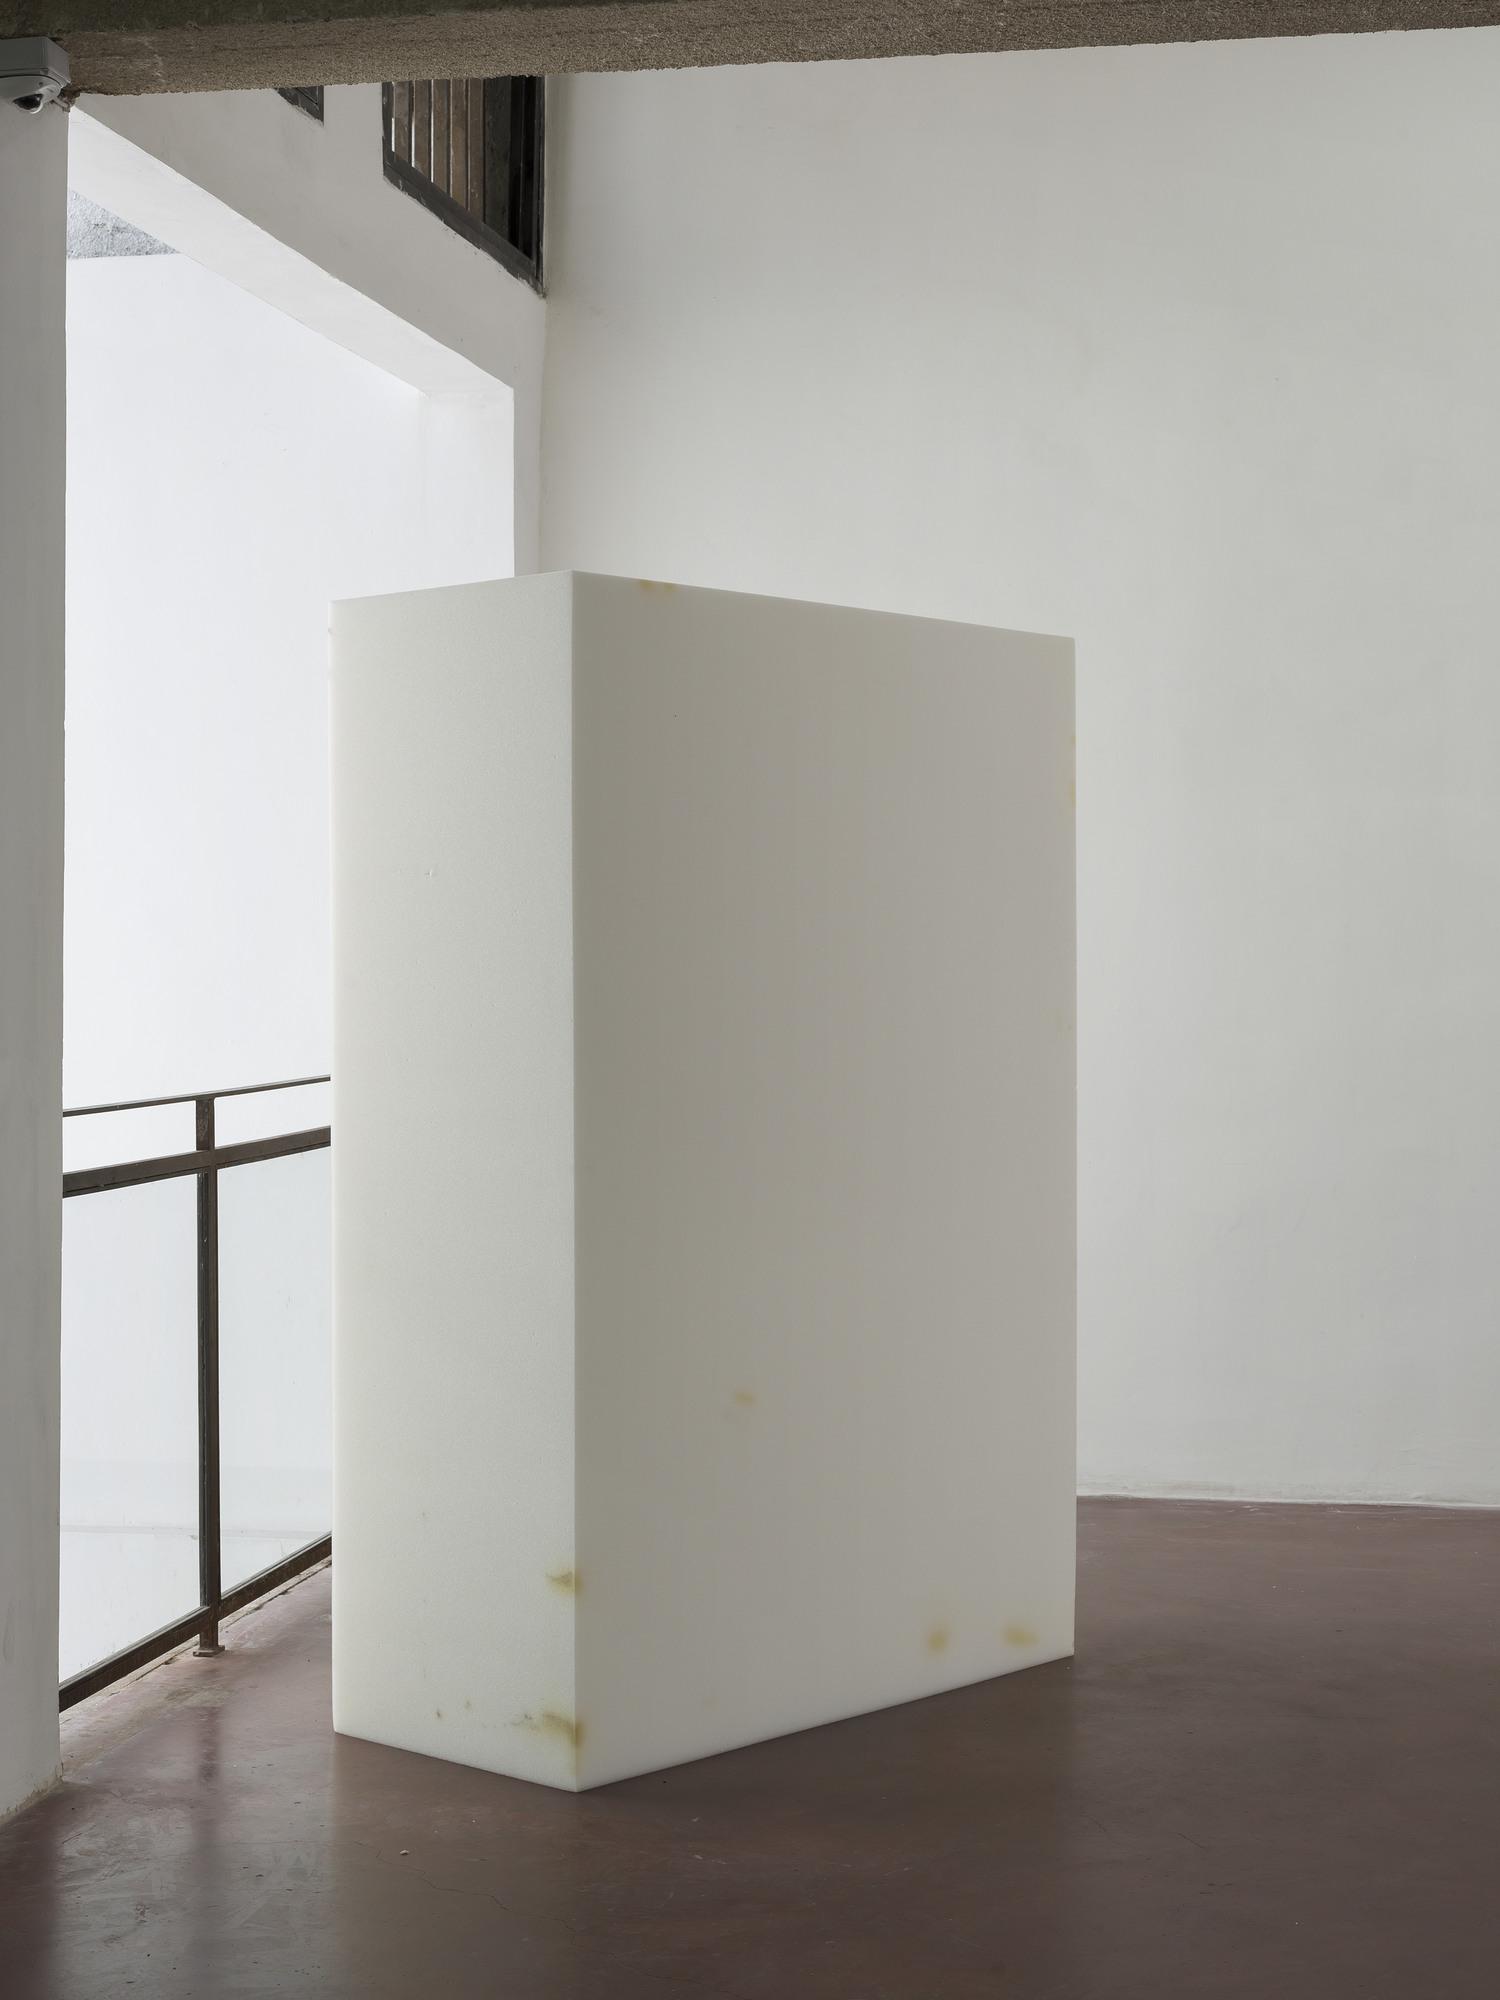 Miroslaw Balka, 200 x 140 x 60 , 2015, foam mattress, 200 x 140 x 60 cm, unique